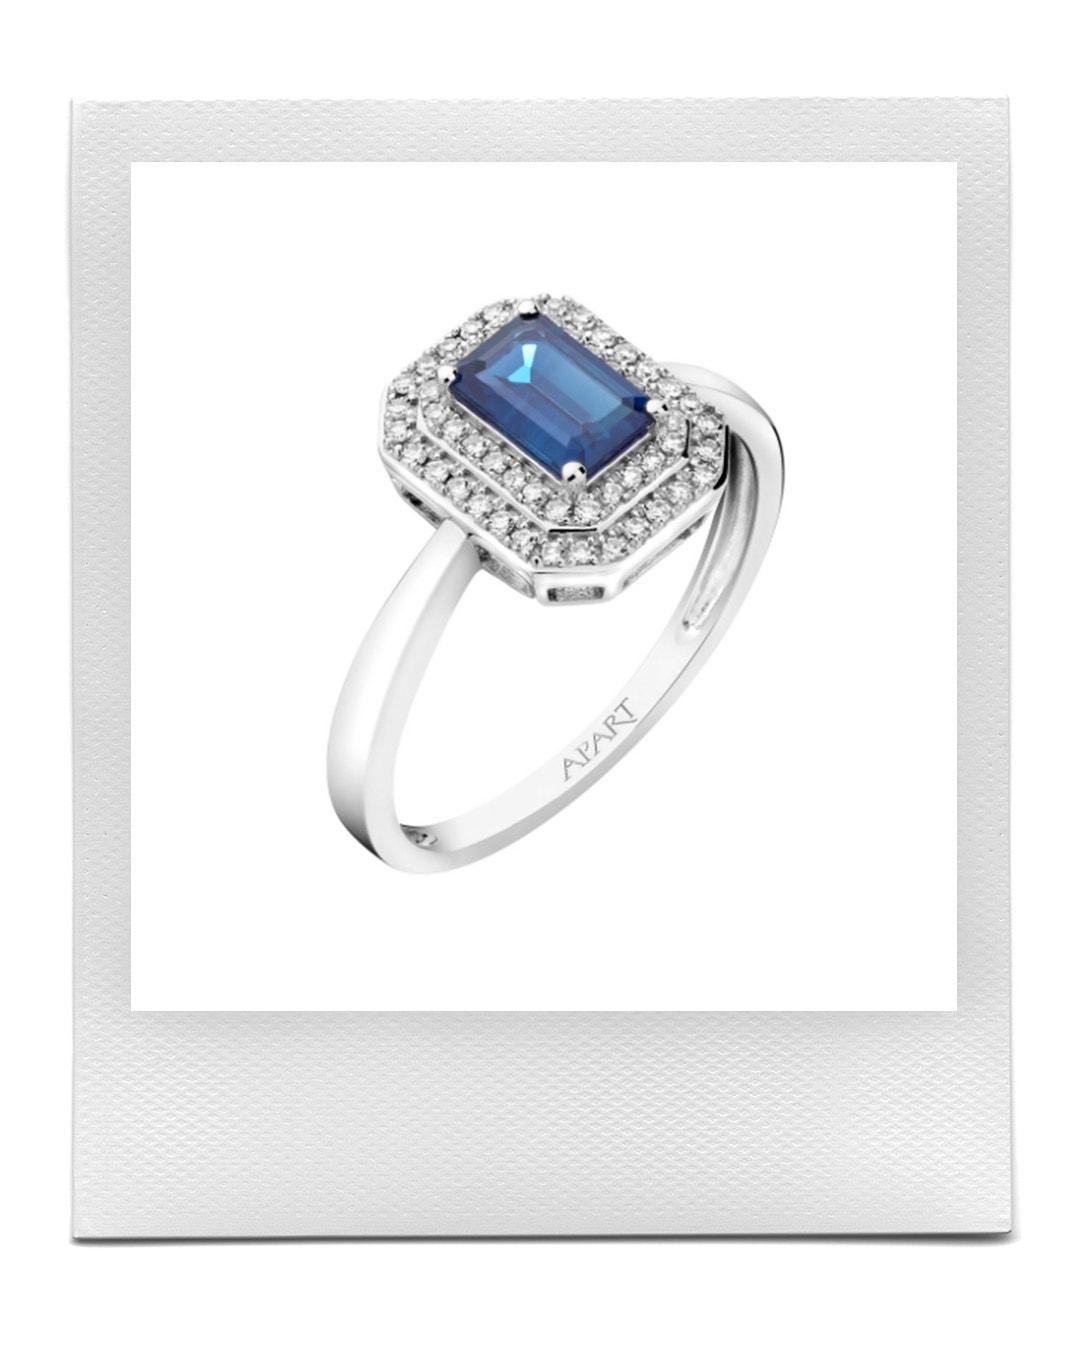 Prsten z bílého zlata s diamanty a safírem, Apart  prodává Apart, 21 359 Kč